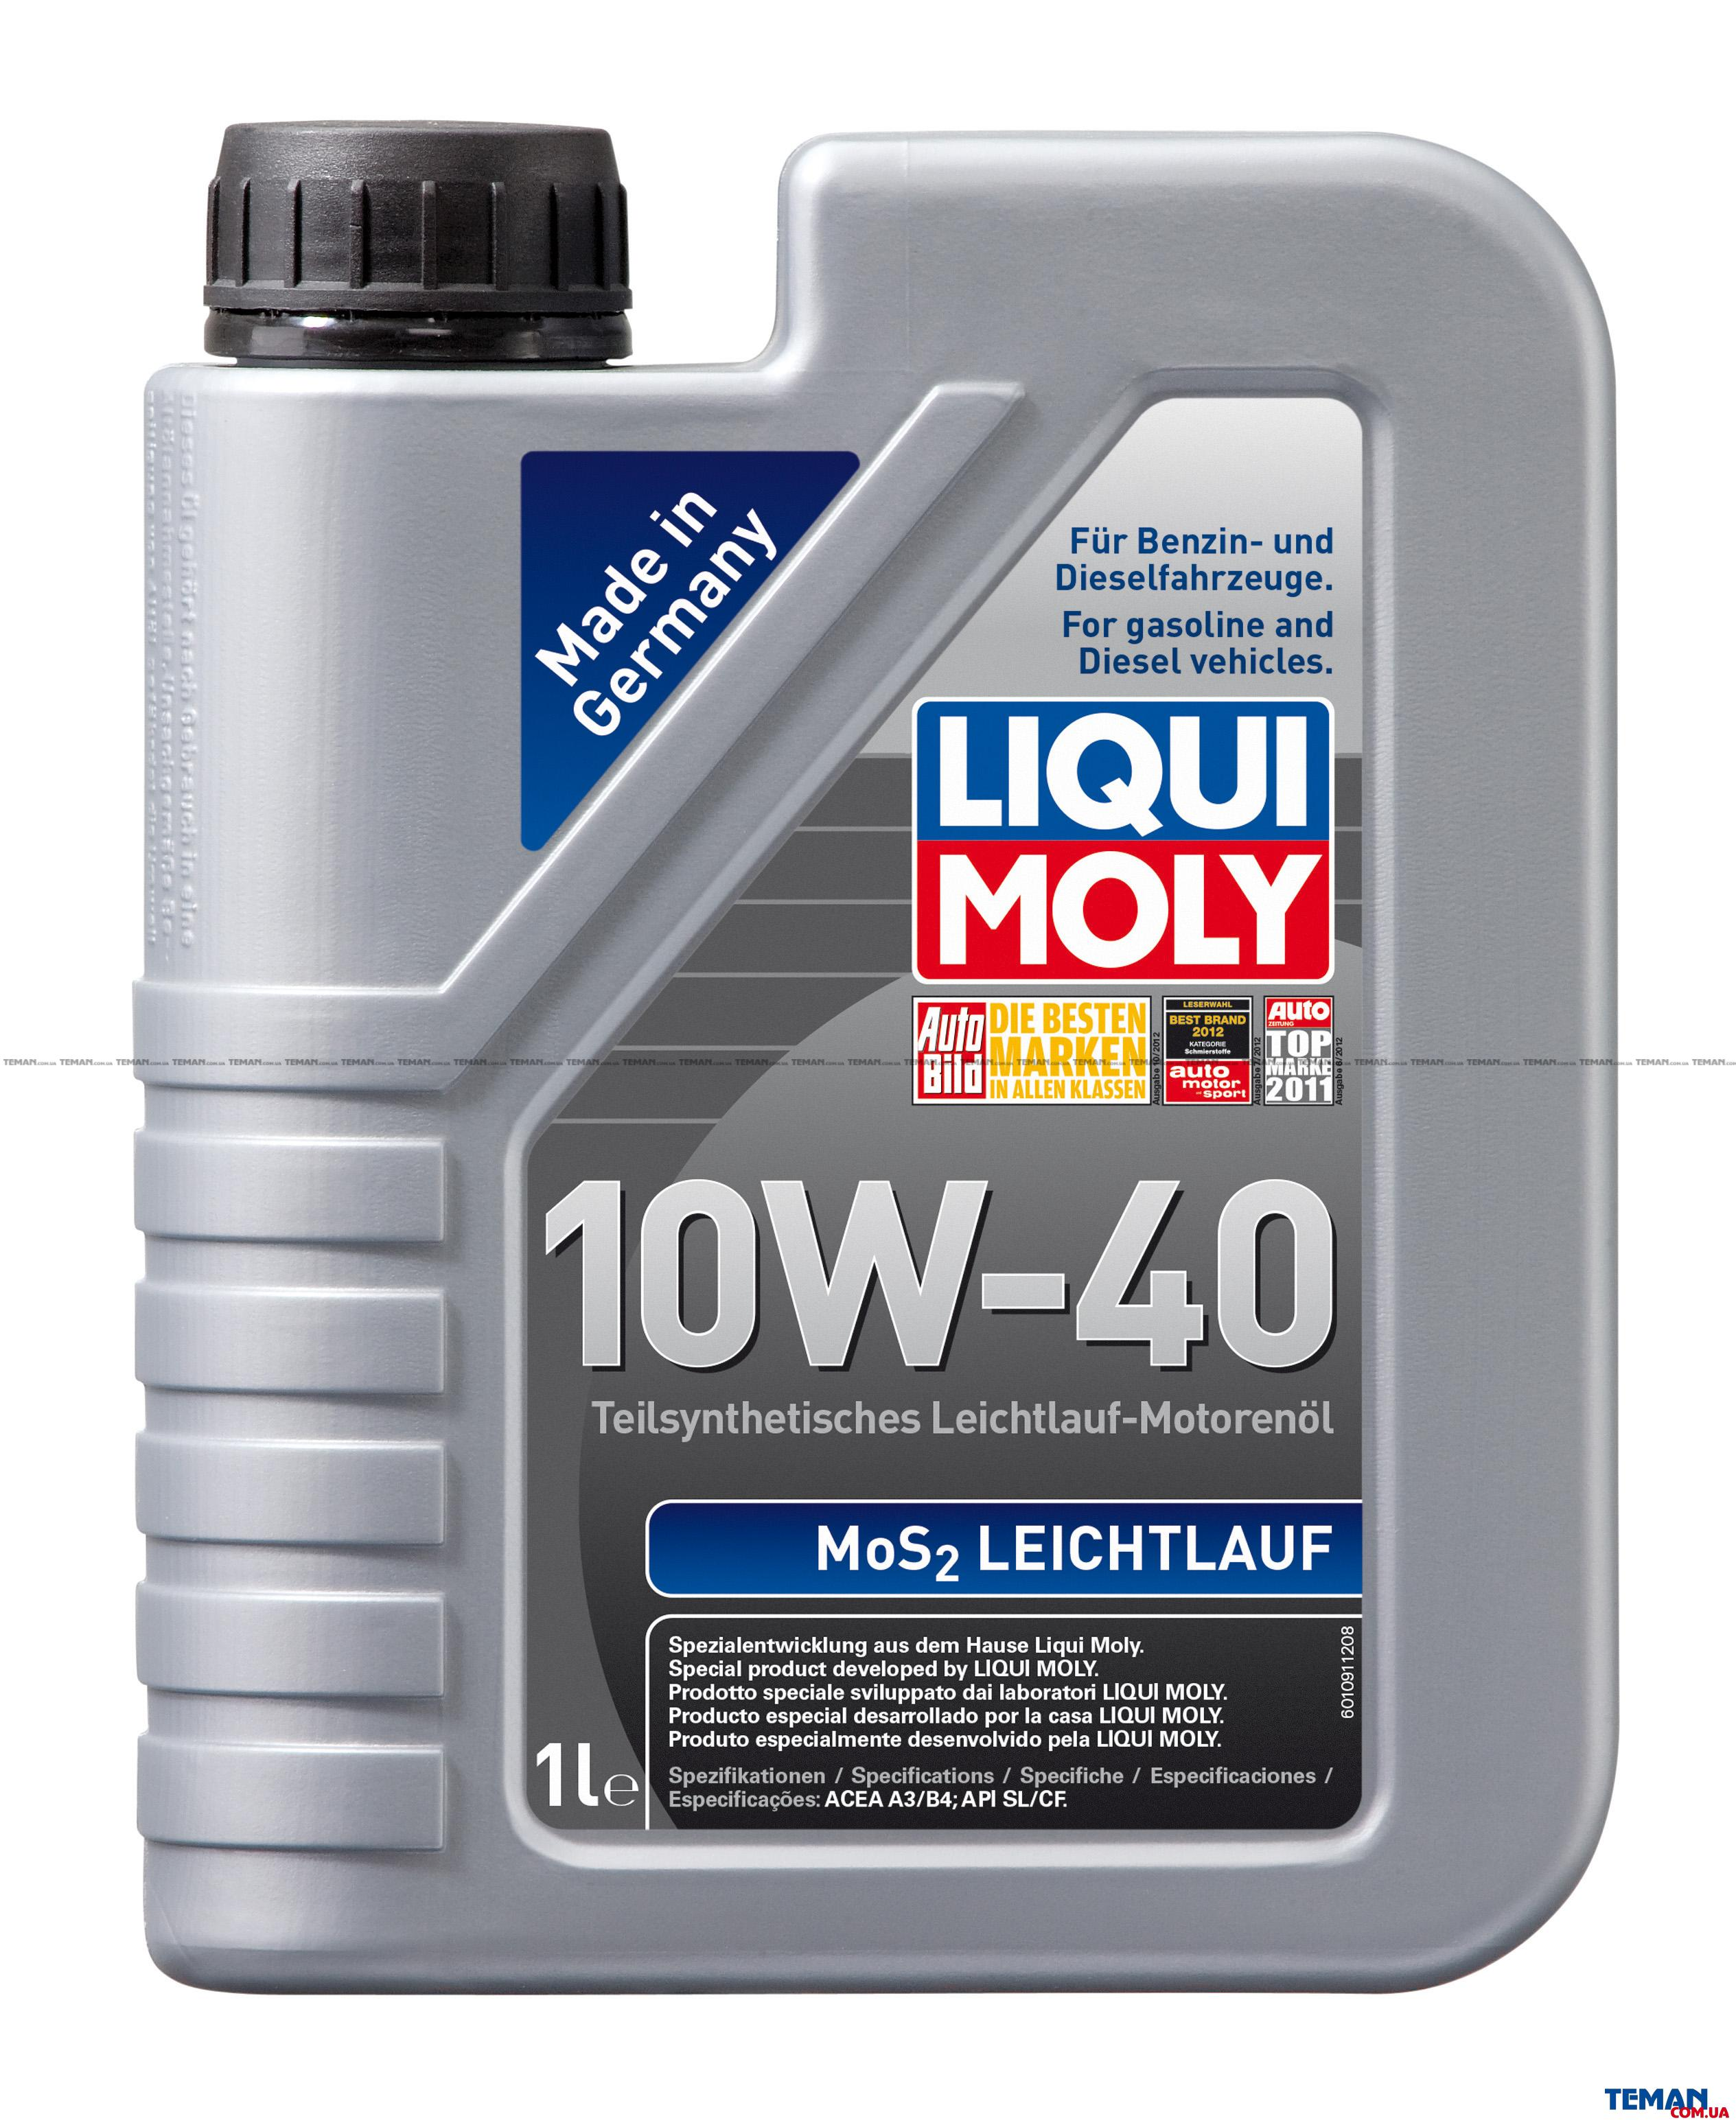 Полусинтетическое моторное масло MoS2 Leichtlauf 10W-40, 1л